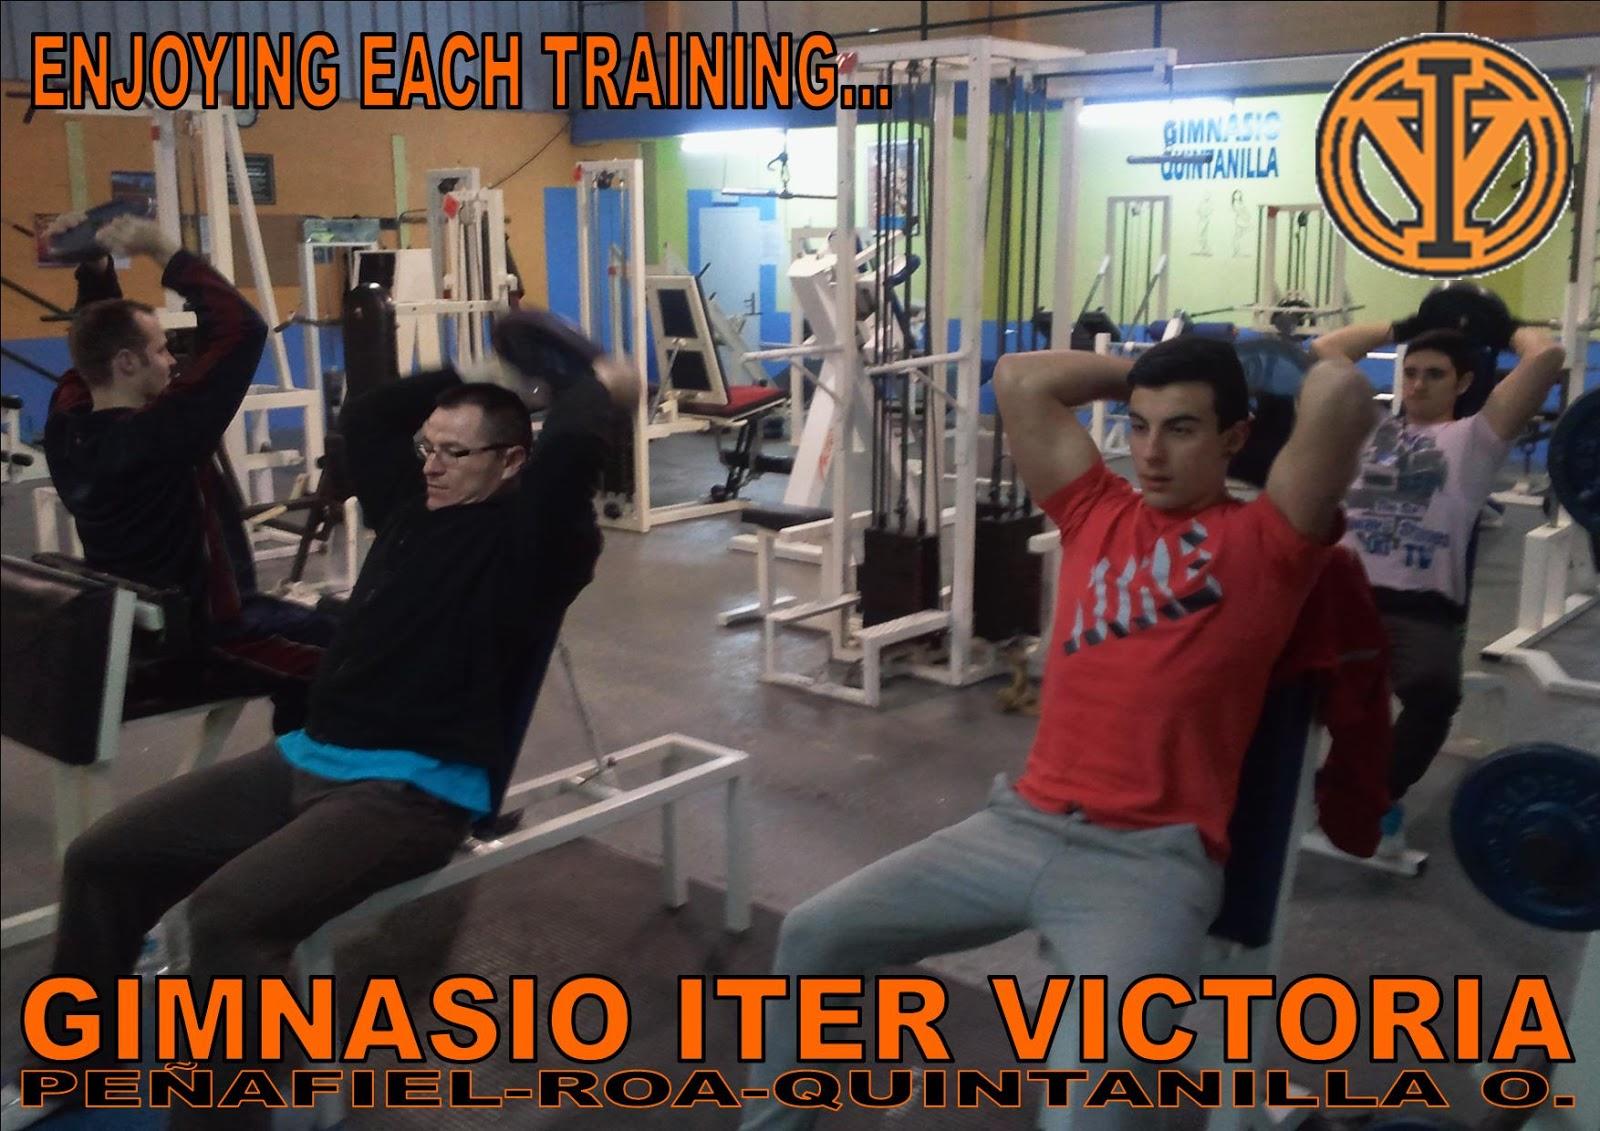 Gimnasio iter victoria disfrutando del entrenamiento for Gimnasio victoria